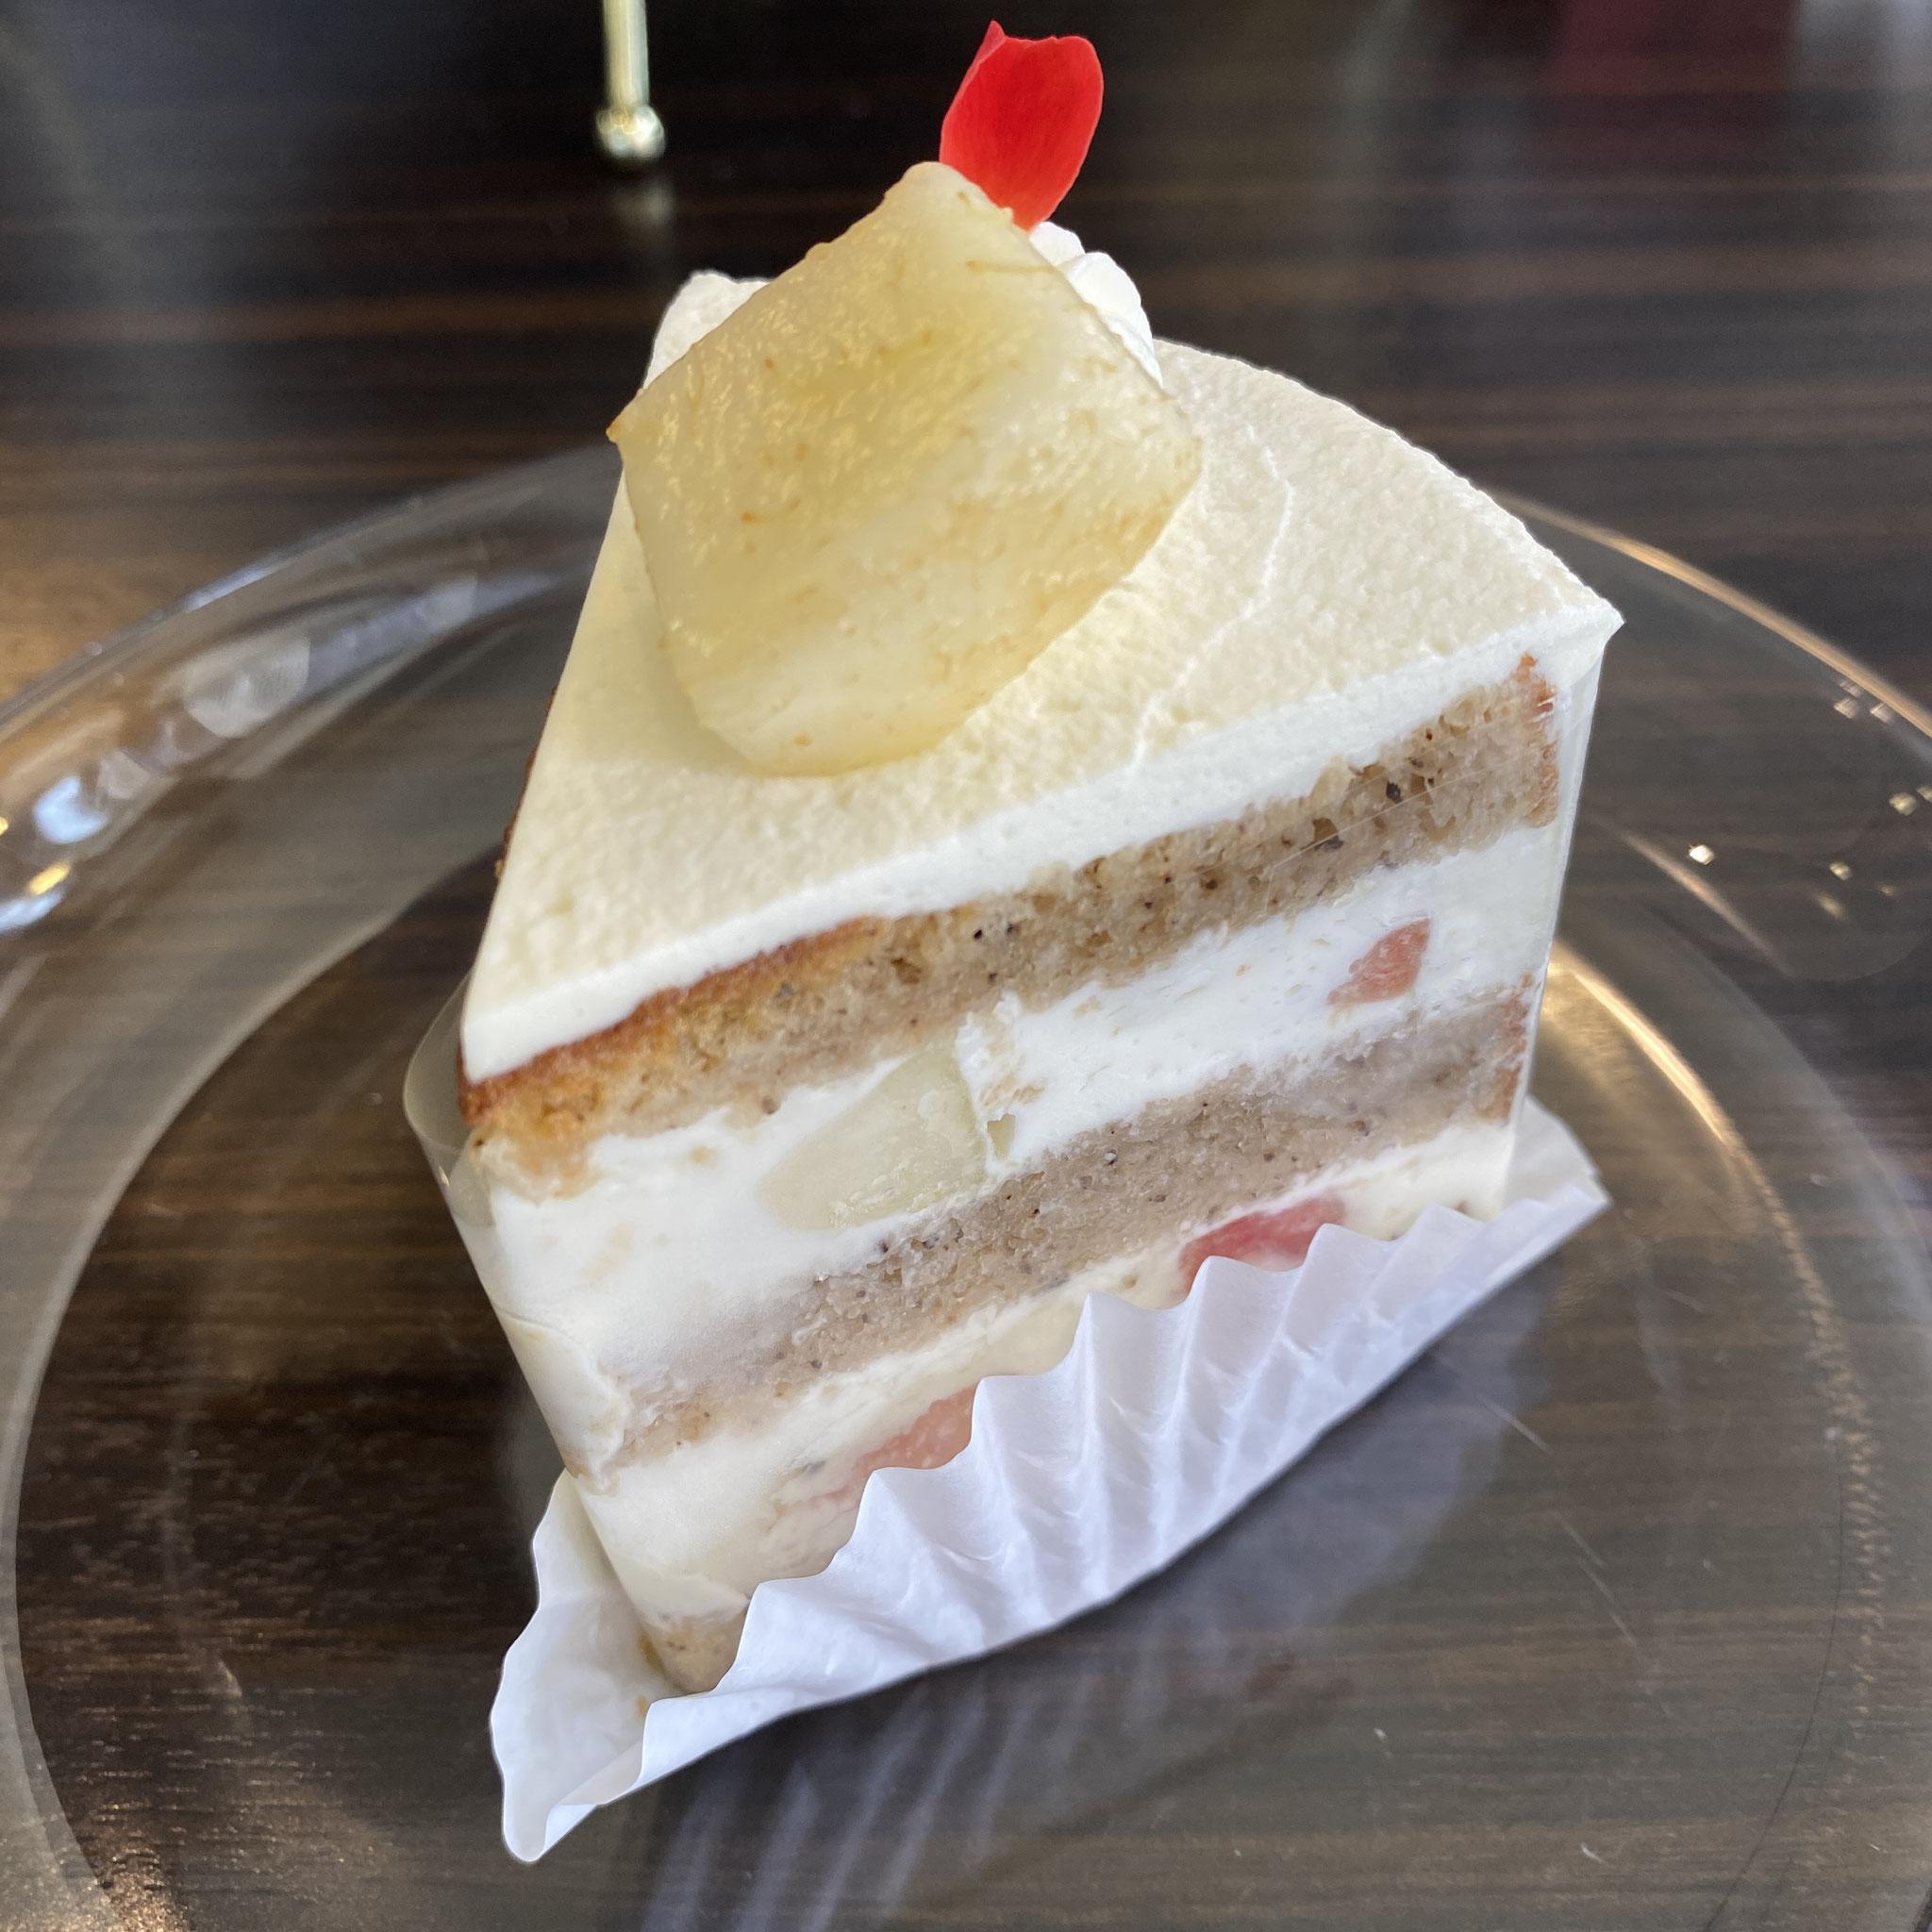 桃と紅茶のショートケーキ